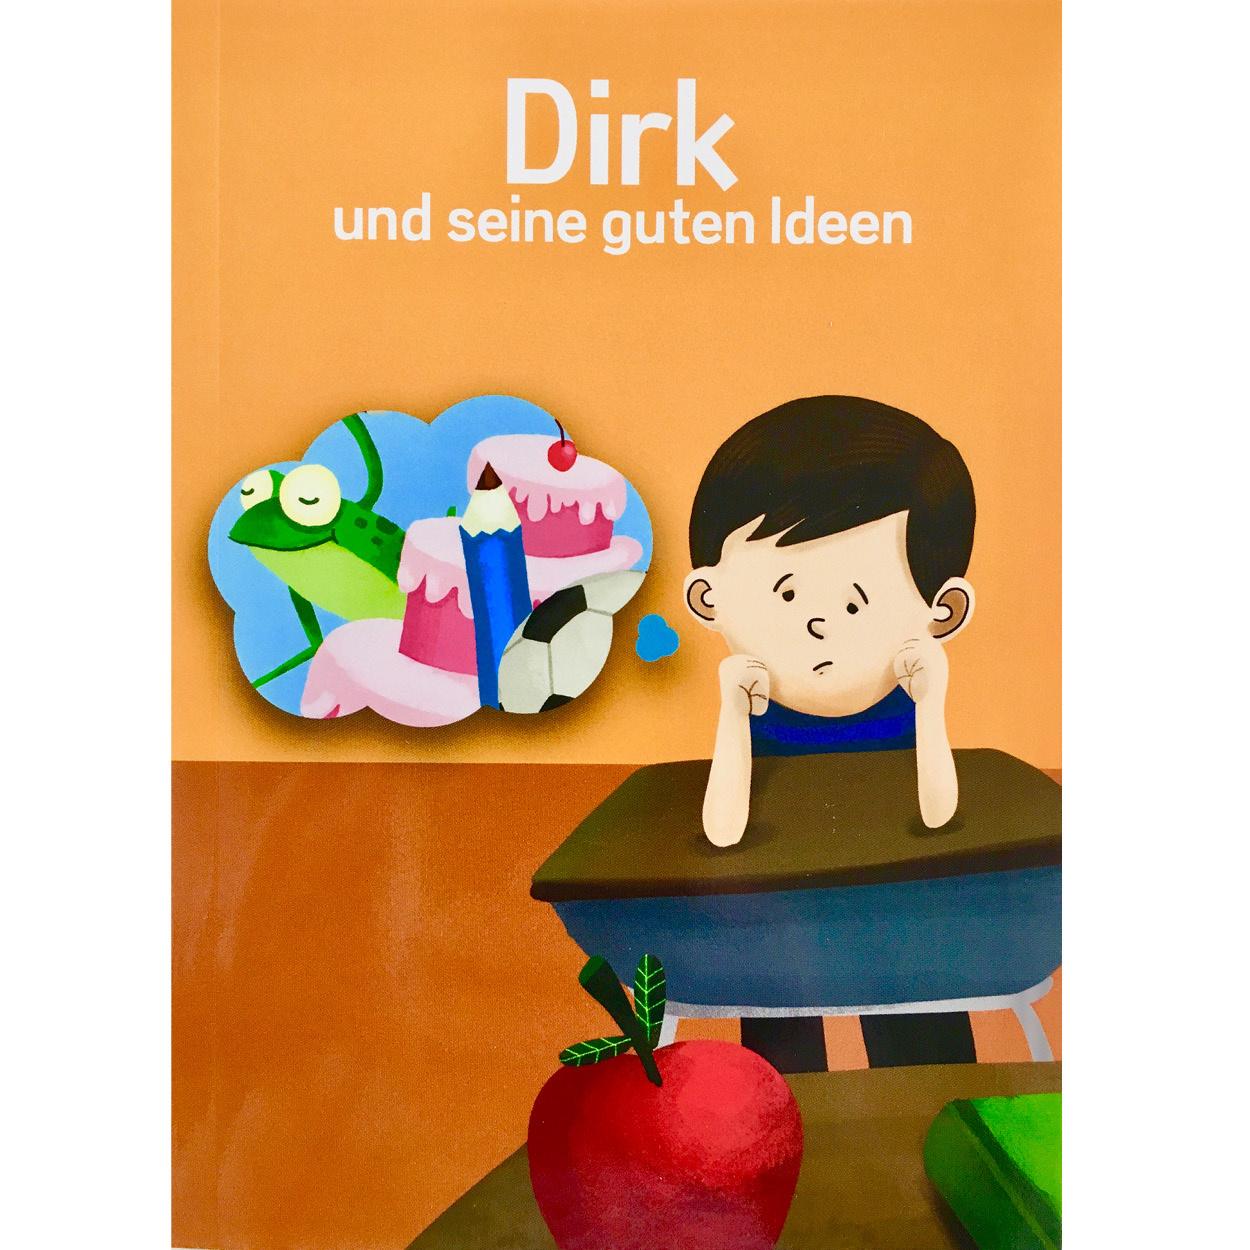 Dirk und seine guten Ideen